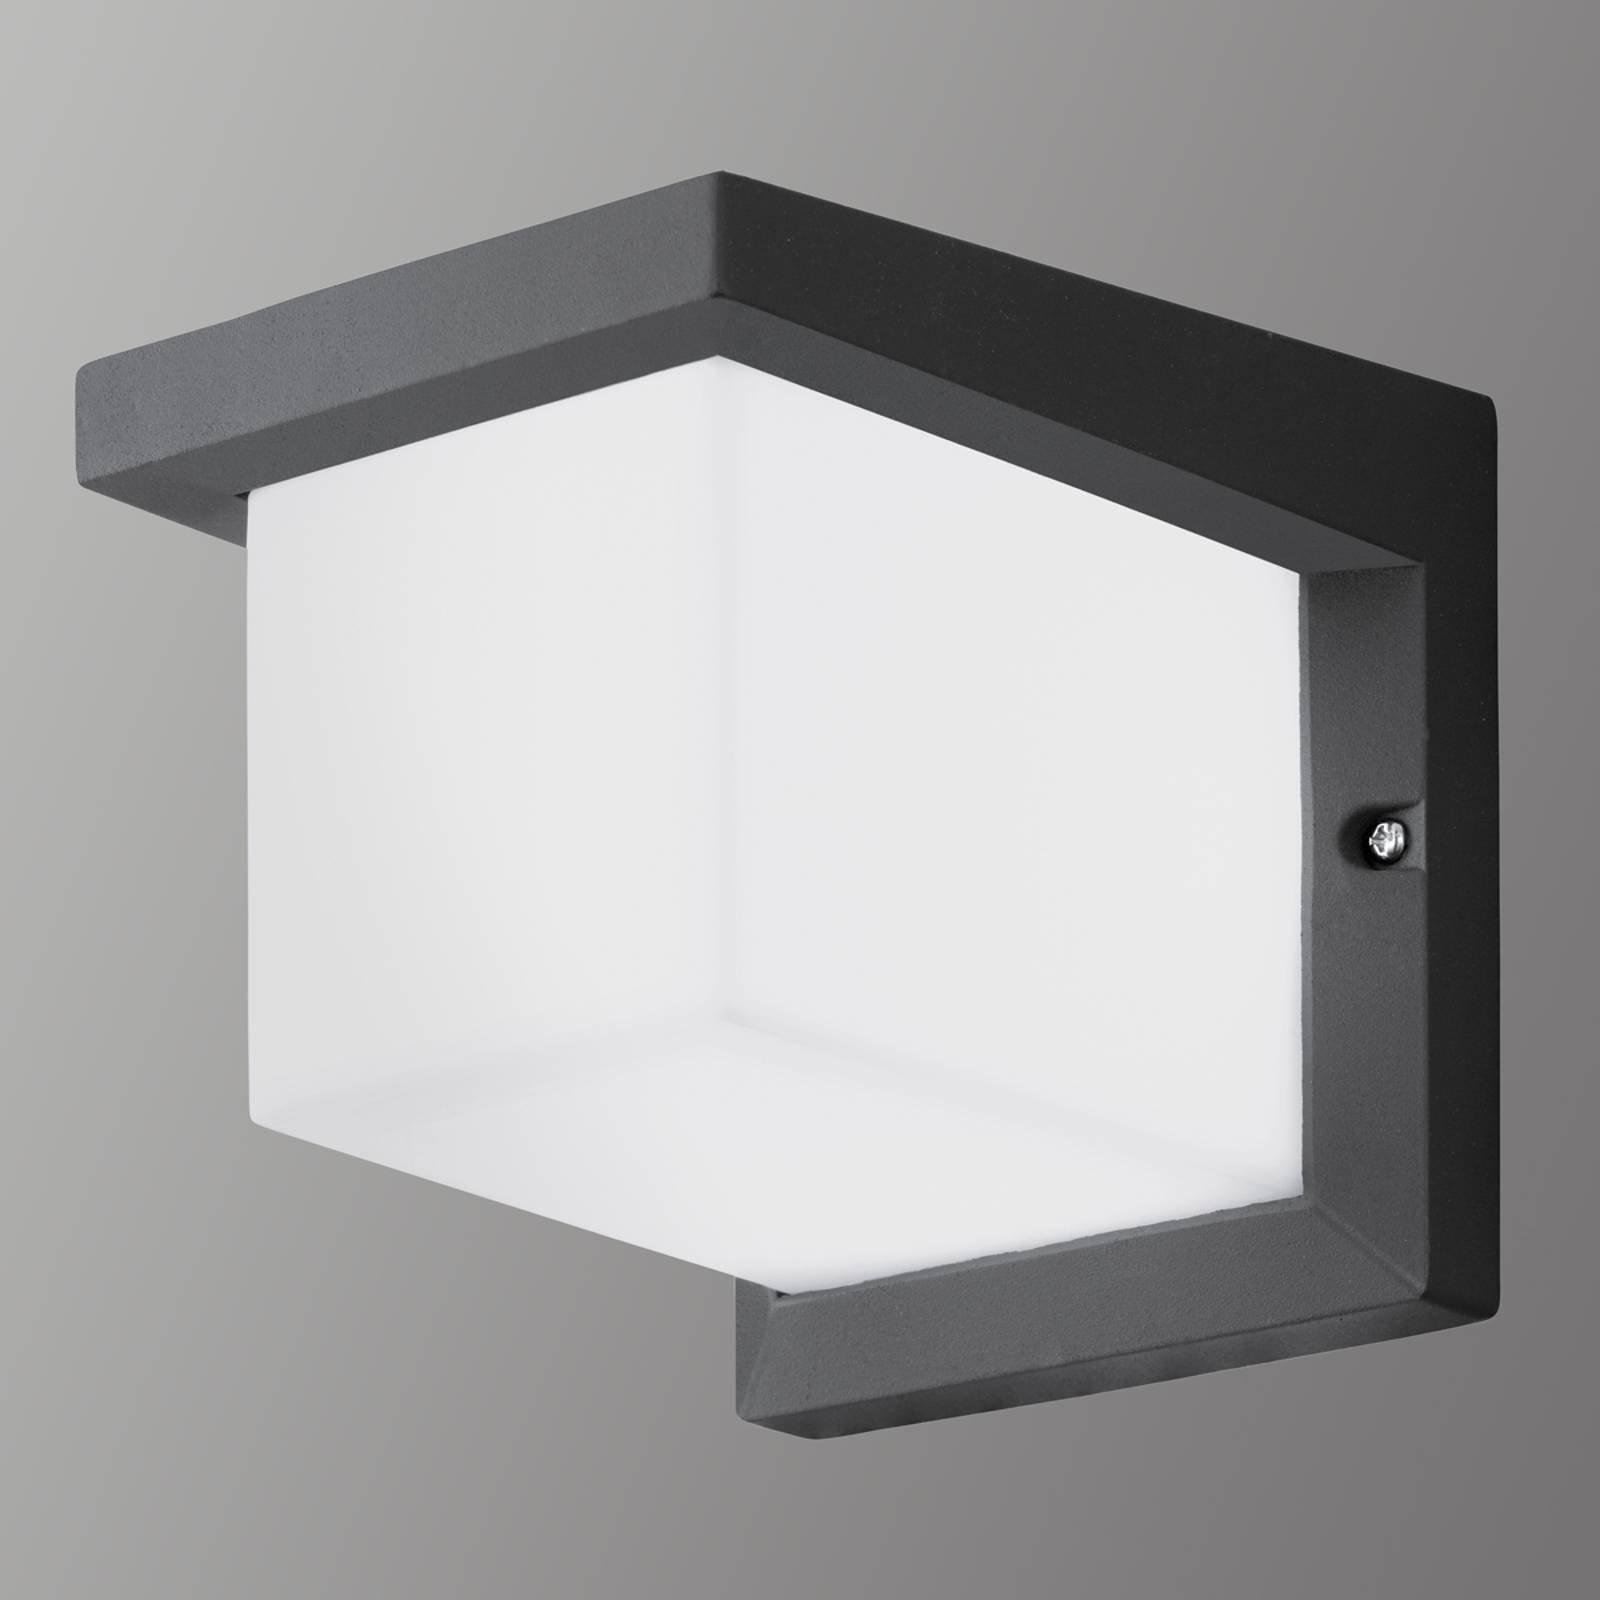 Terningformet LED-utevegglys Desella